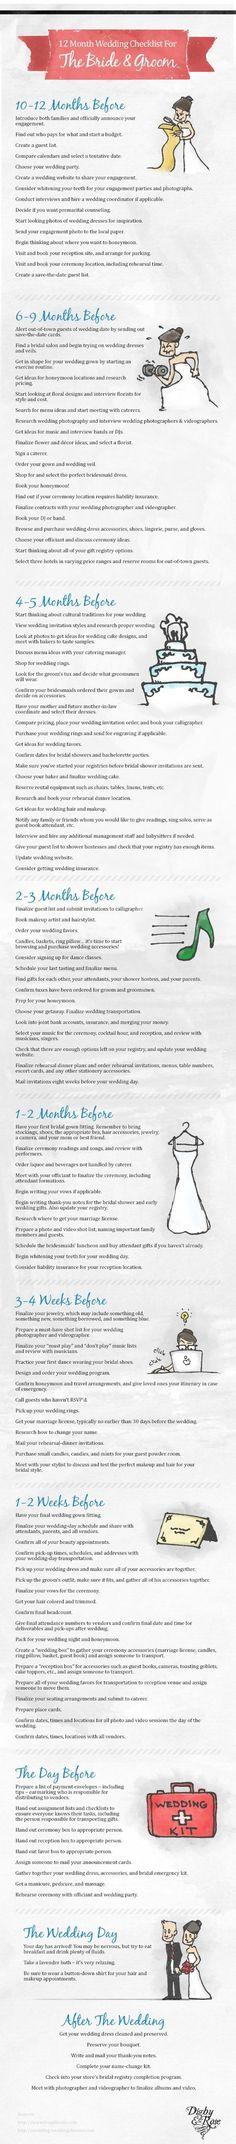 12 month wedding planning checklist!!!!